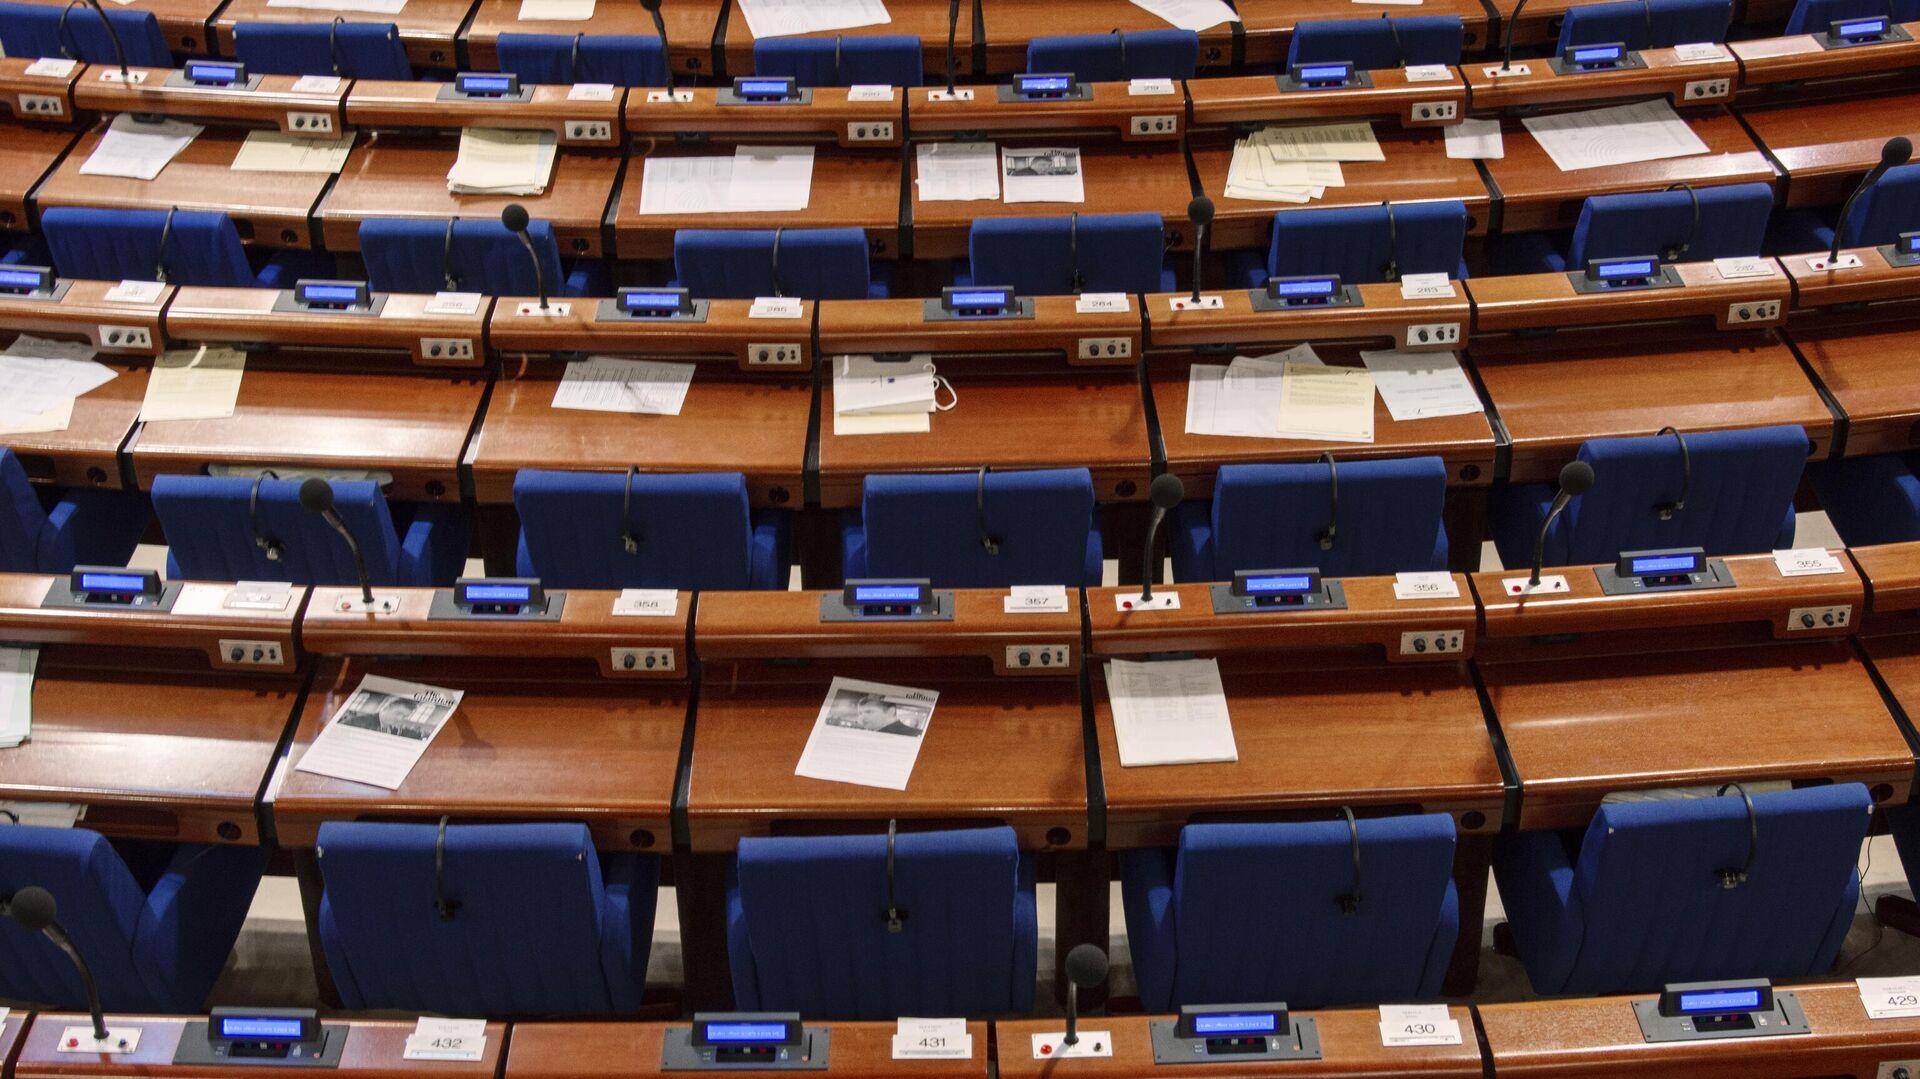 Зал заседаний Парламентской ассамблеи Совета Европы - РИА Новости, 1920, 28.04.2021